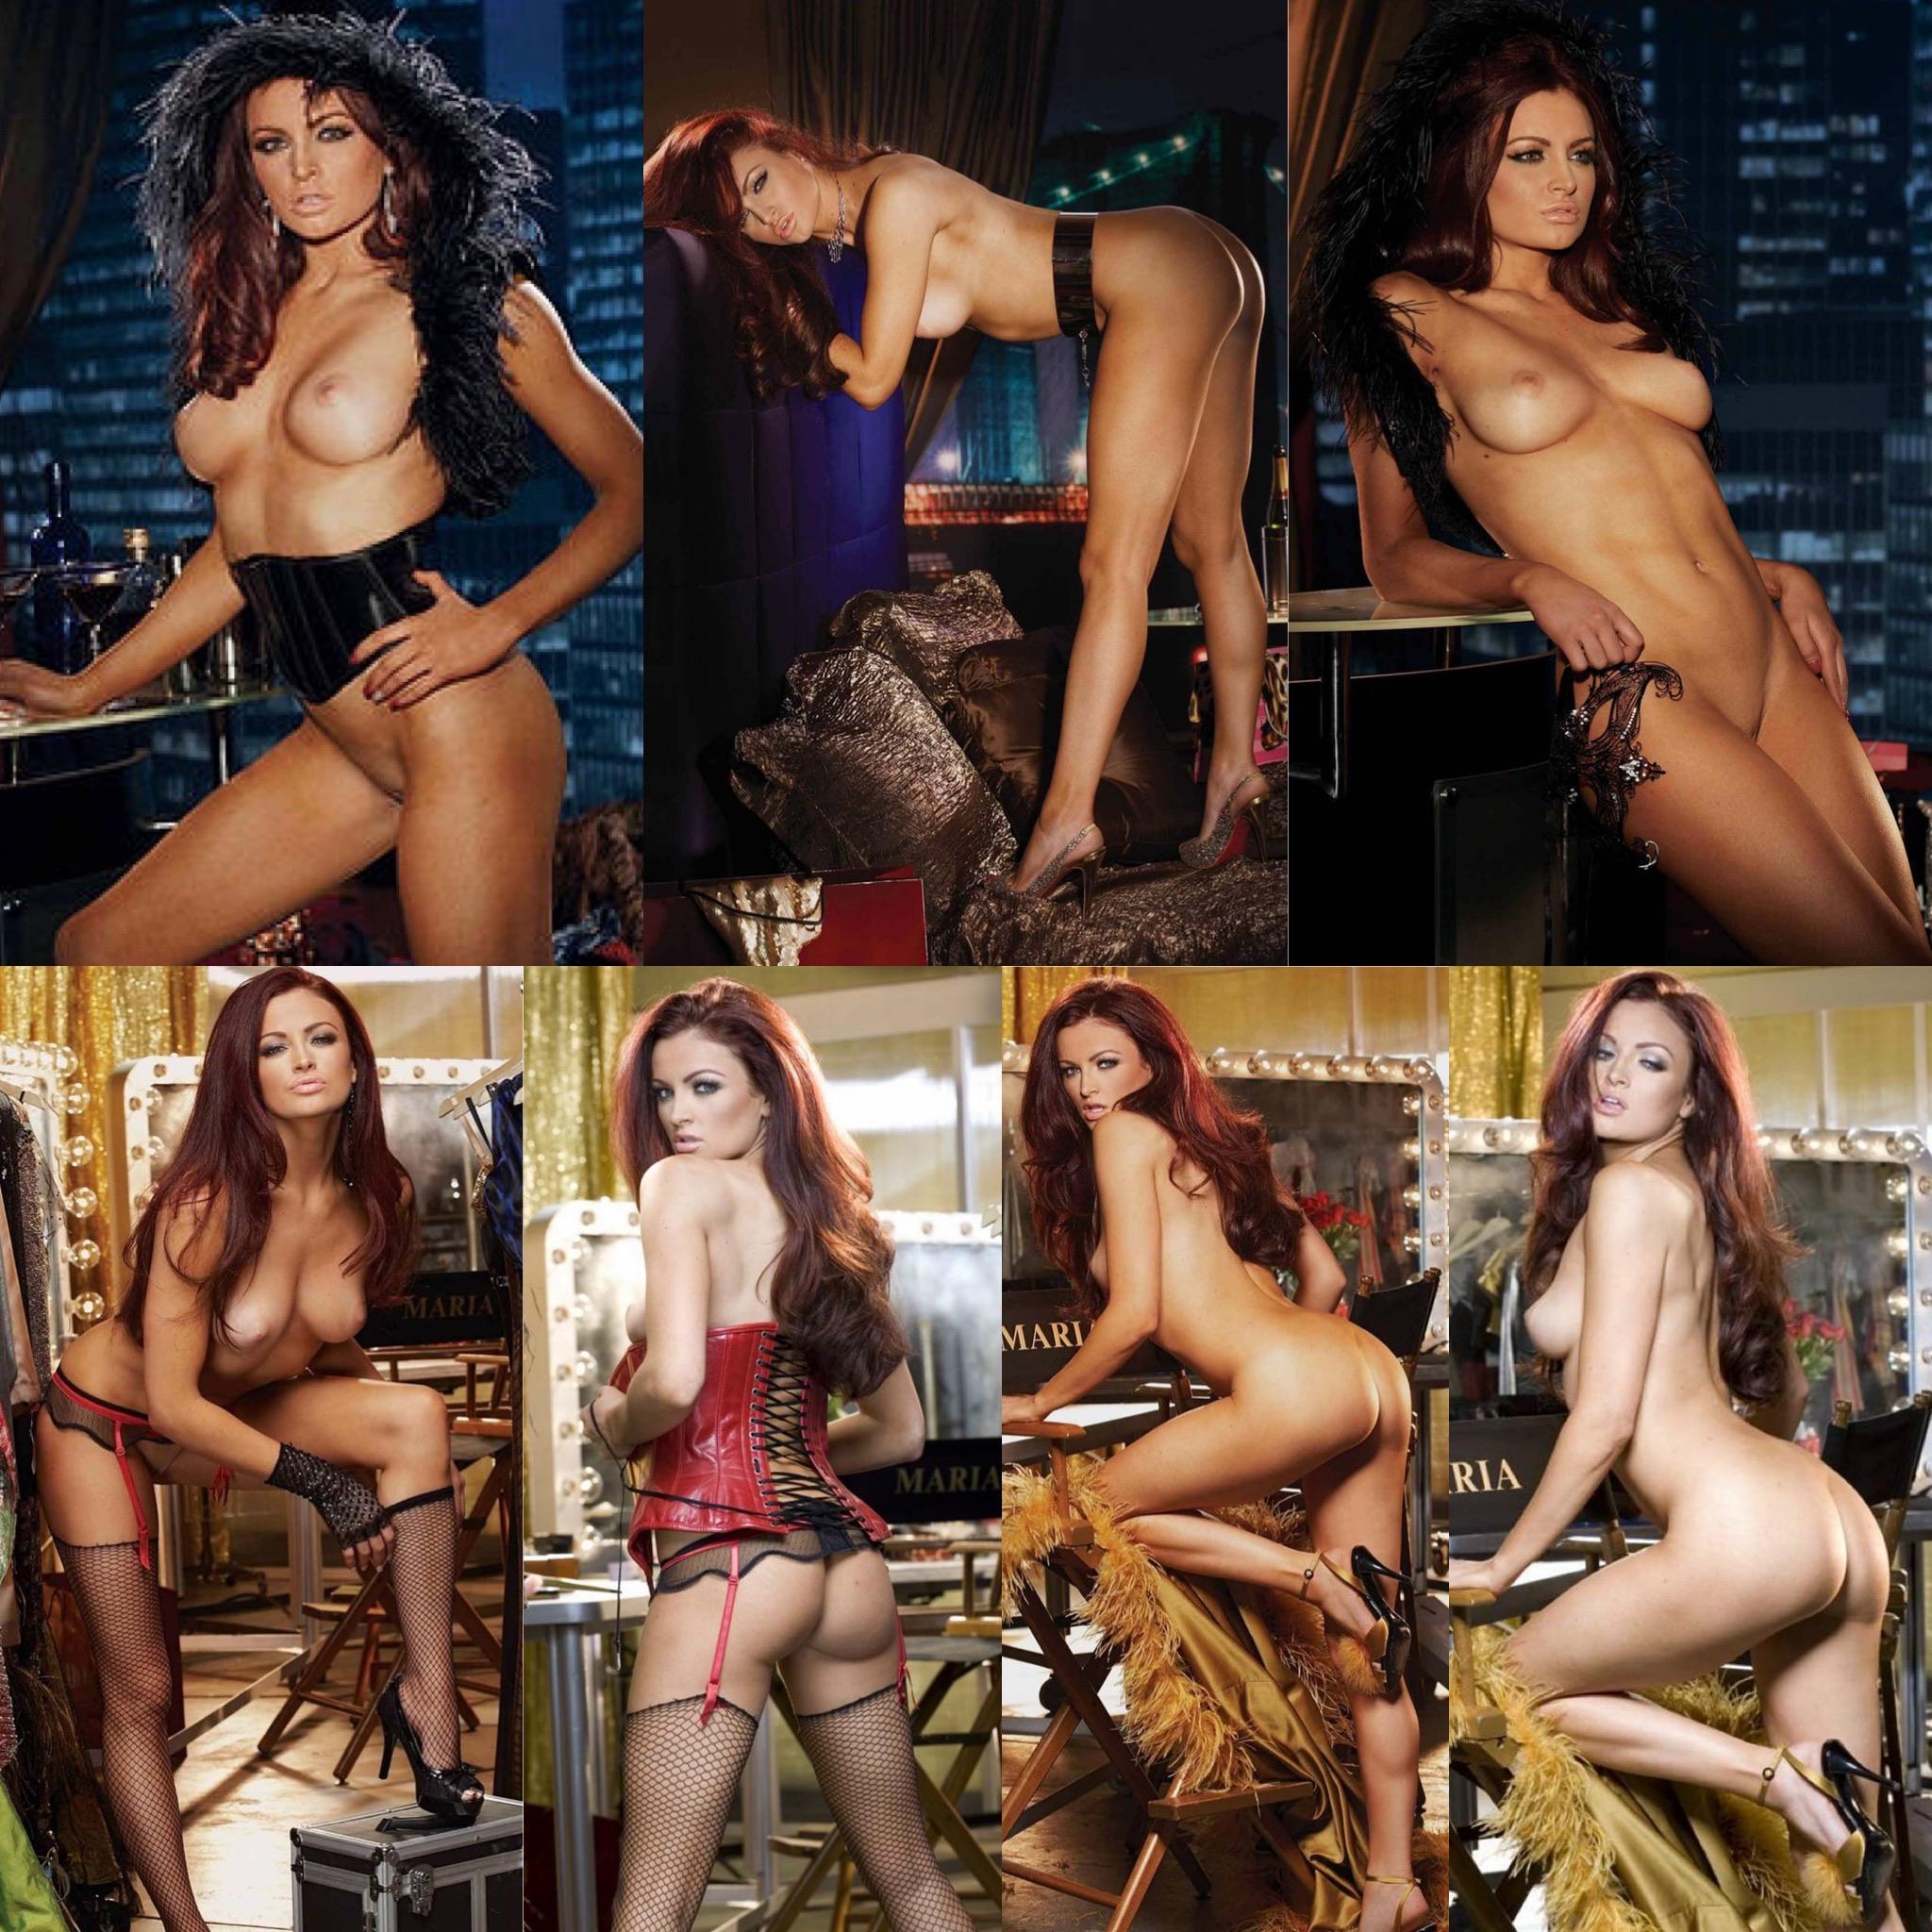 Maria Kanellis Playboy Photos photo 6